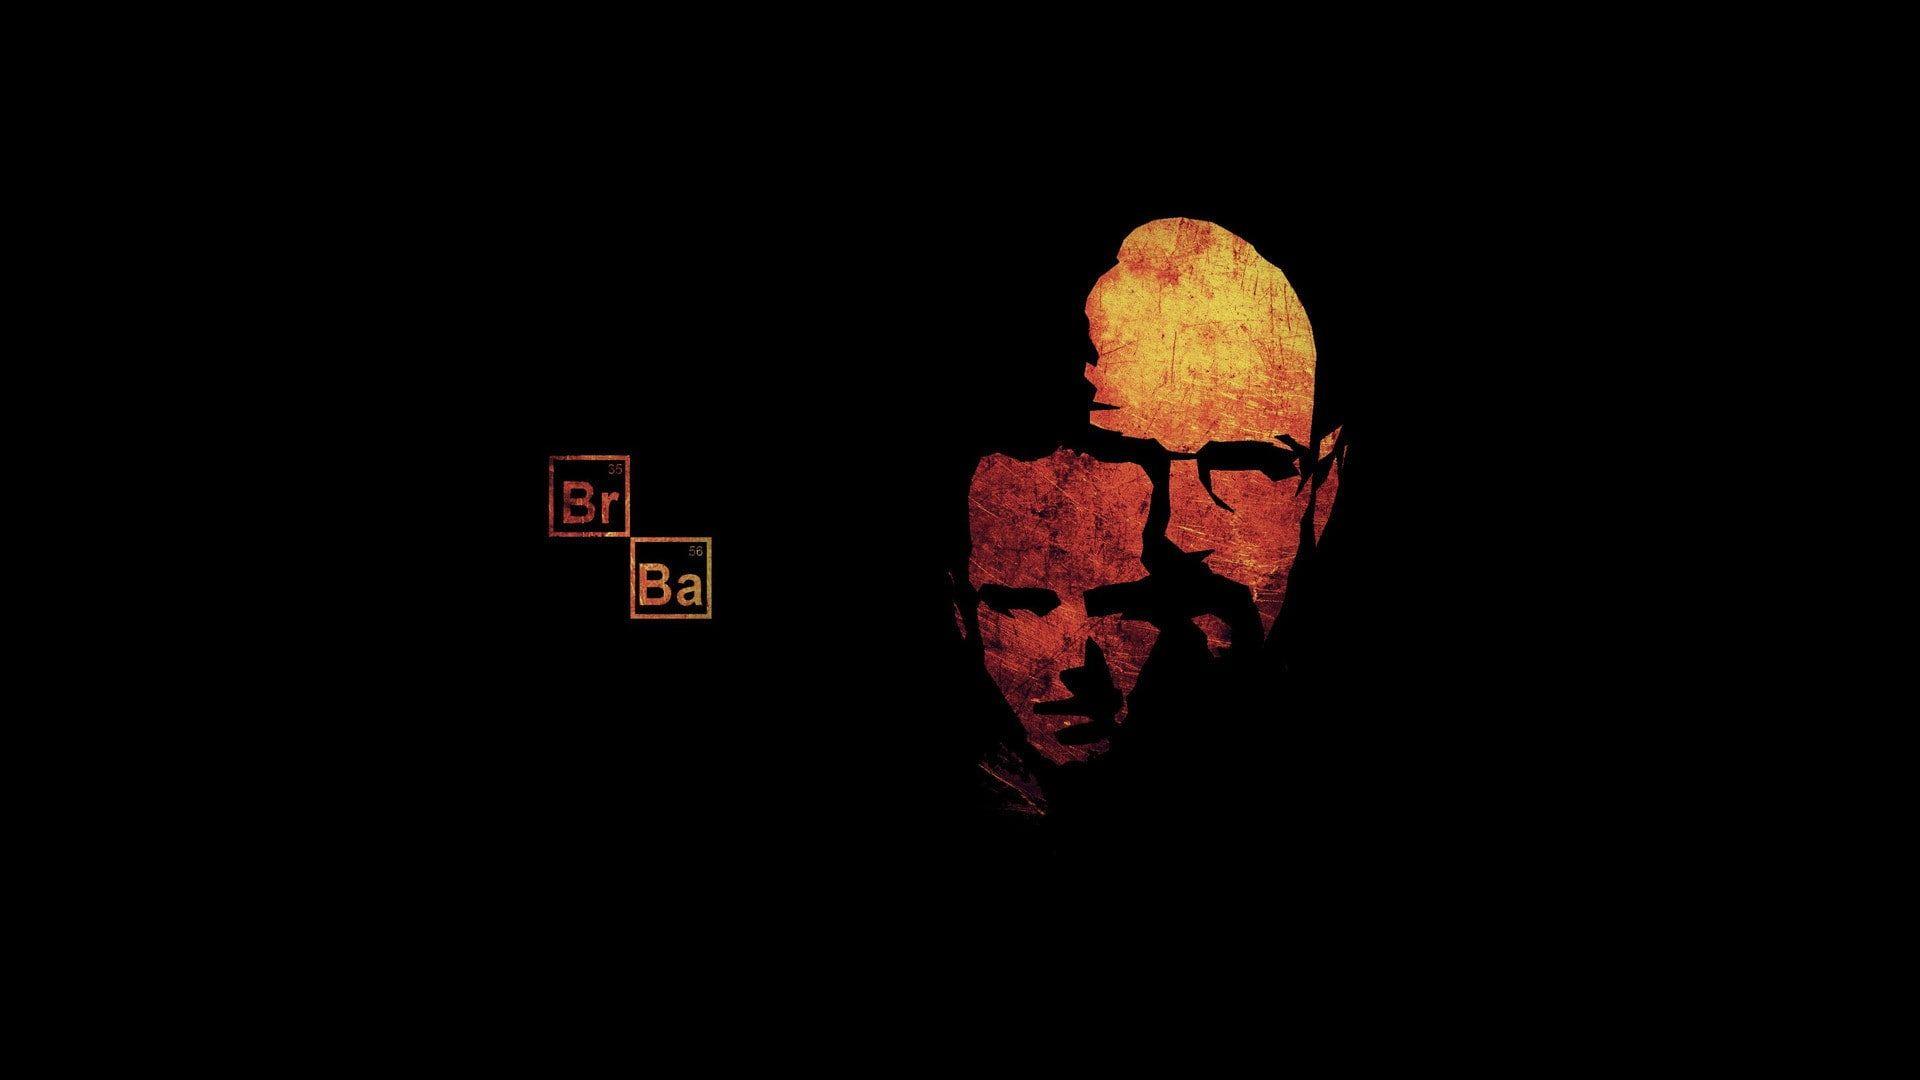 Breaking Bad Walter White Jesse Pinkman Simple 1080p Wallpaper Hdwallpaper Desktop Breaking Bad Black Background Wallpaper Breaking Bad Tv Series